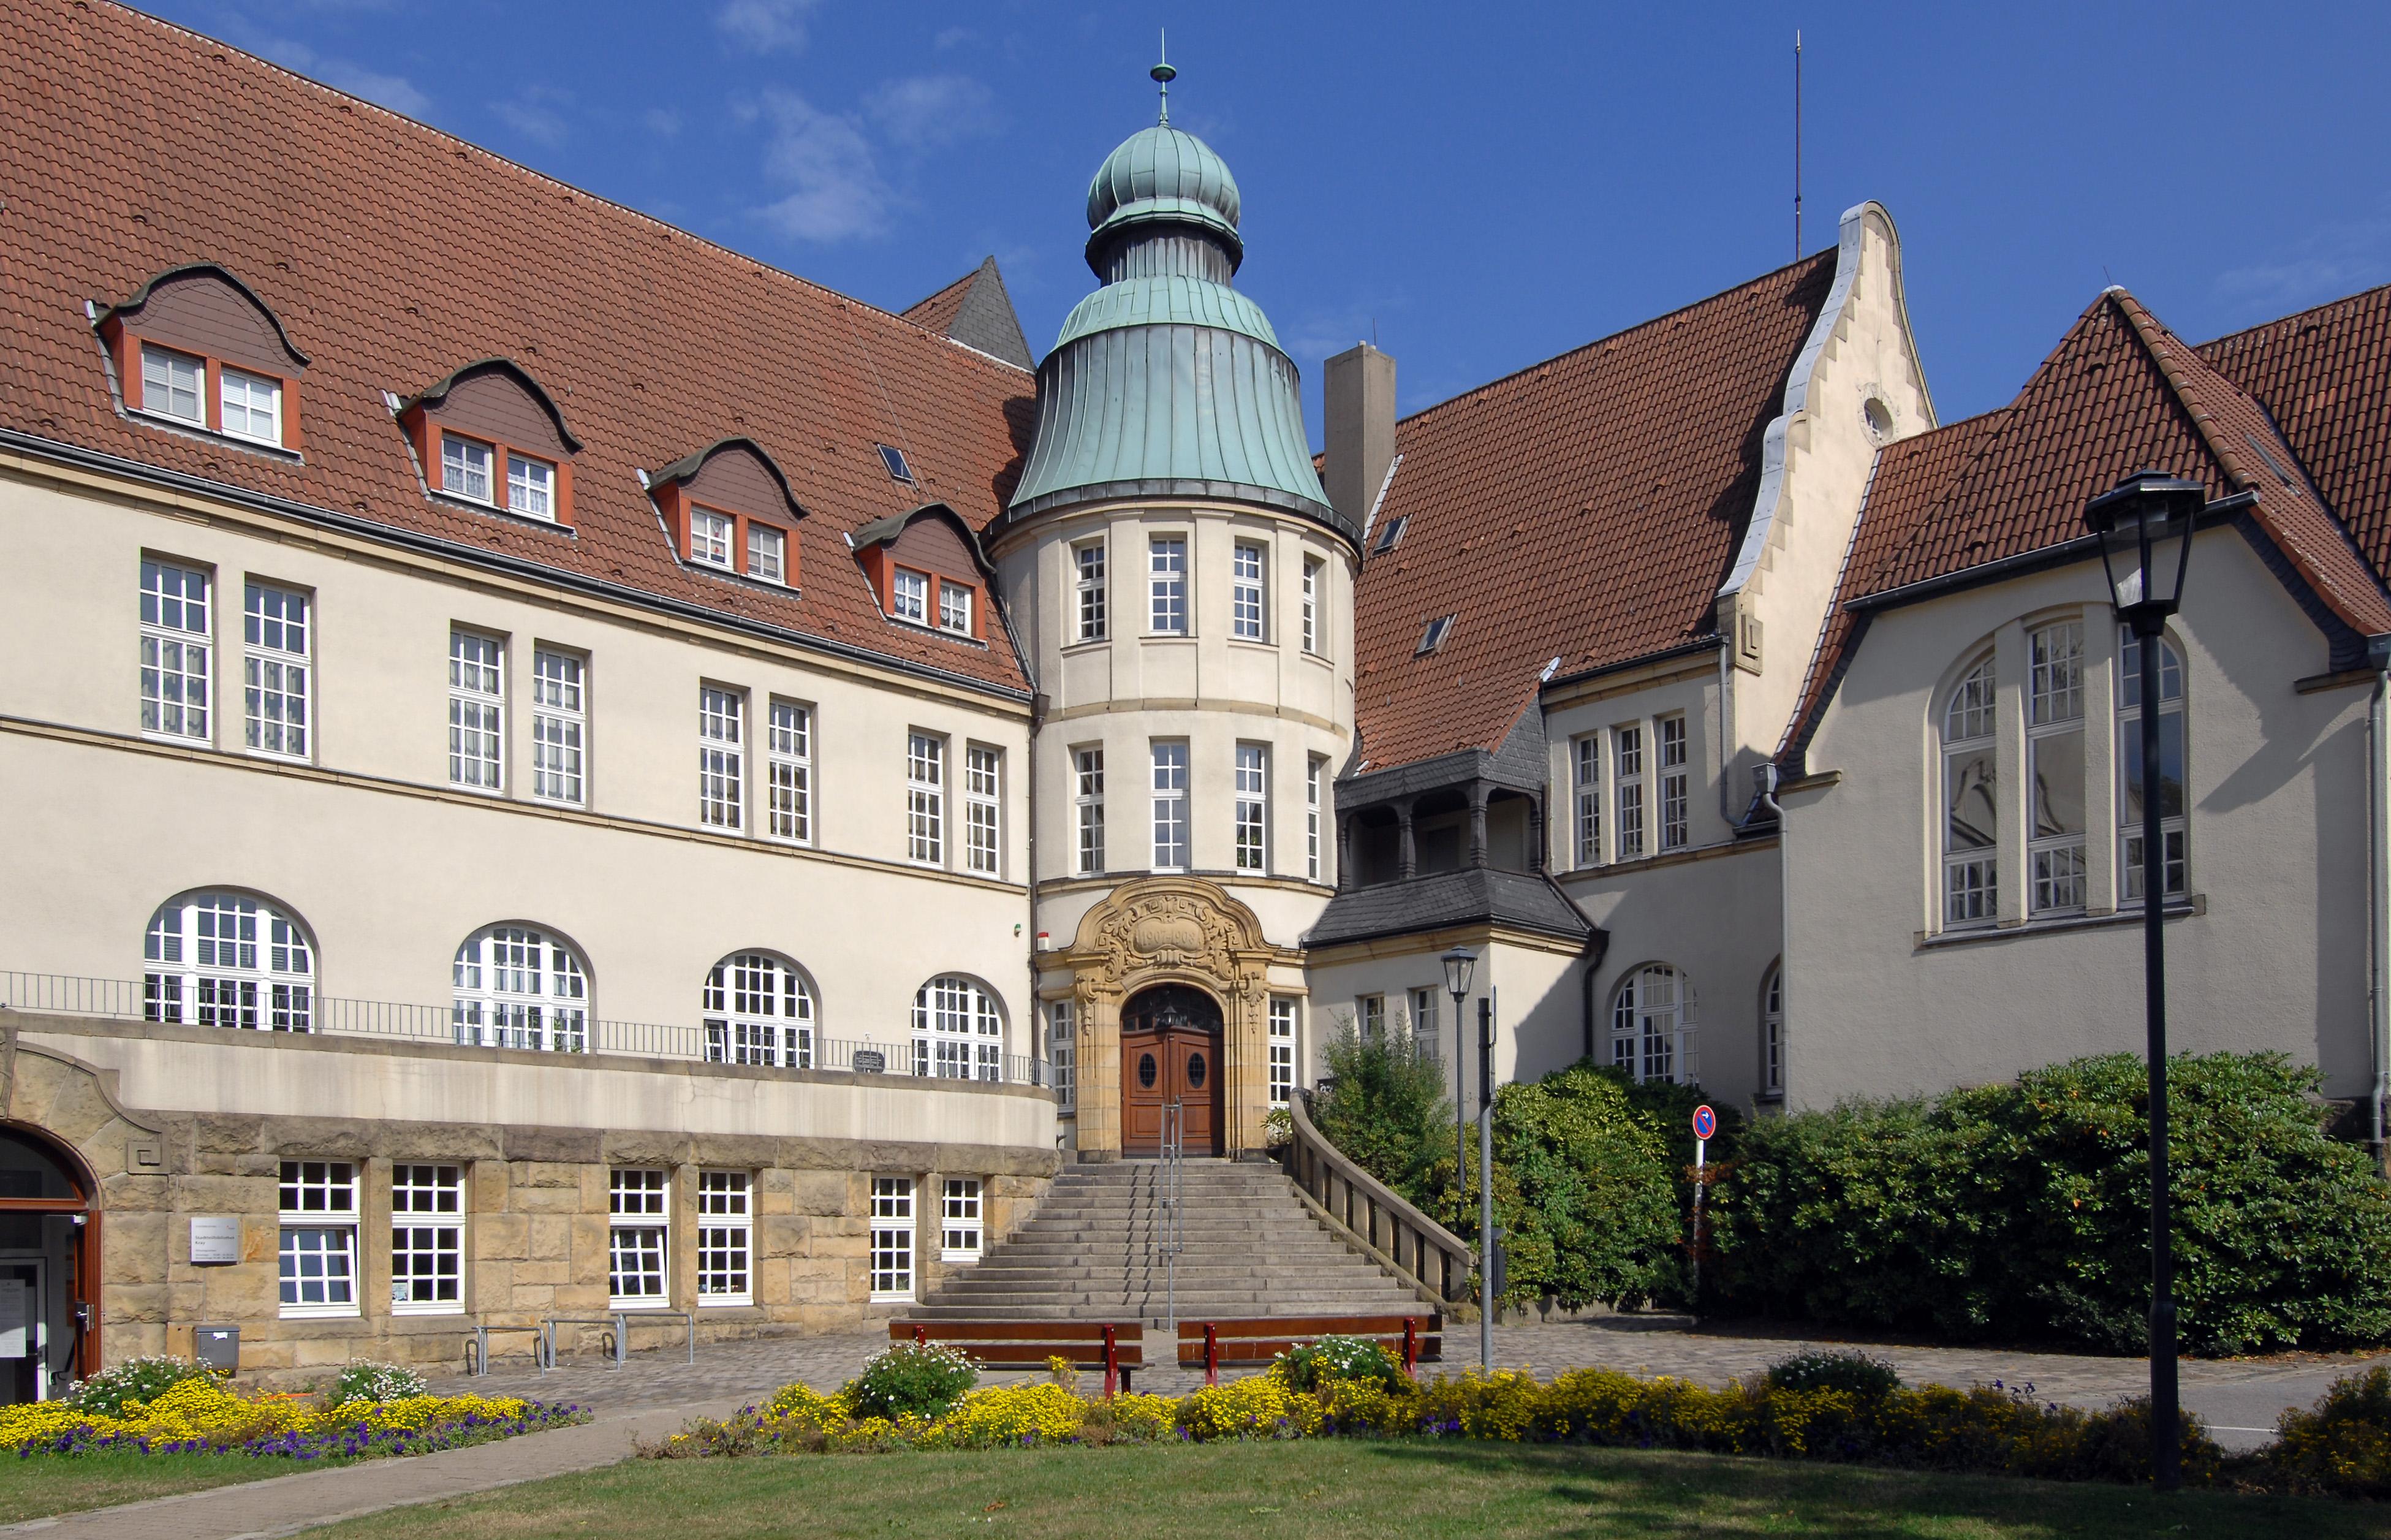 Krayer Rathaus, erbaut 1907 bis 1908. Sitz des Bürgermeisters von Kray-Leithe bis zur Eingemeindung nach Essen im Jahre 1929.